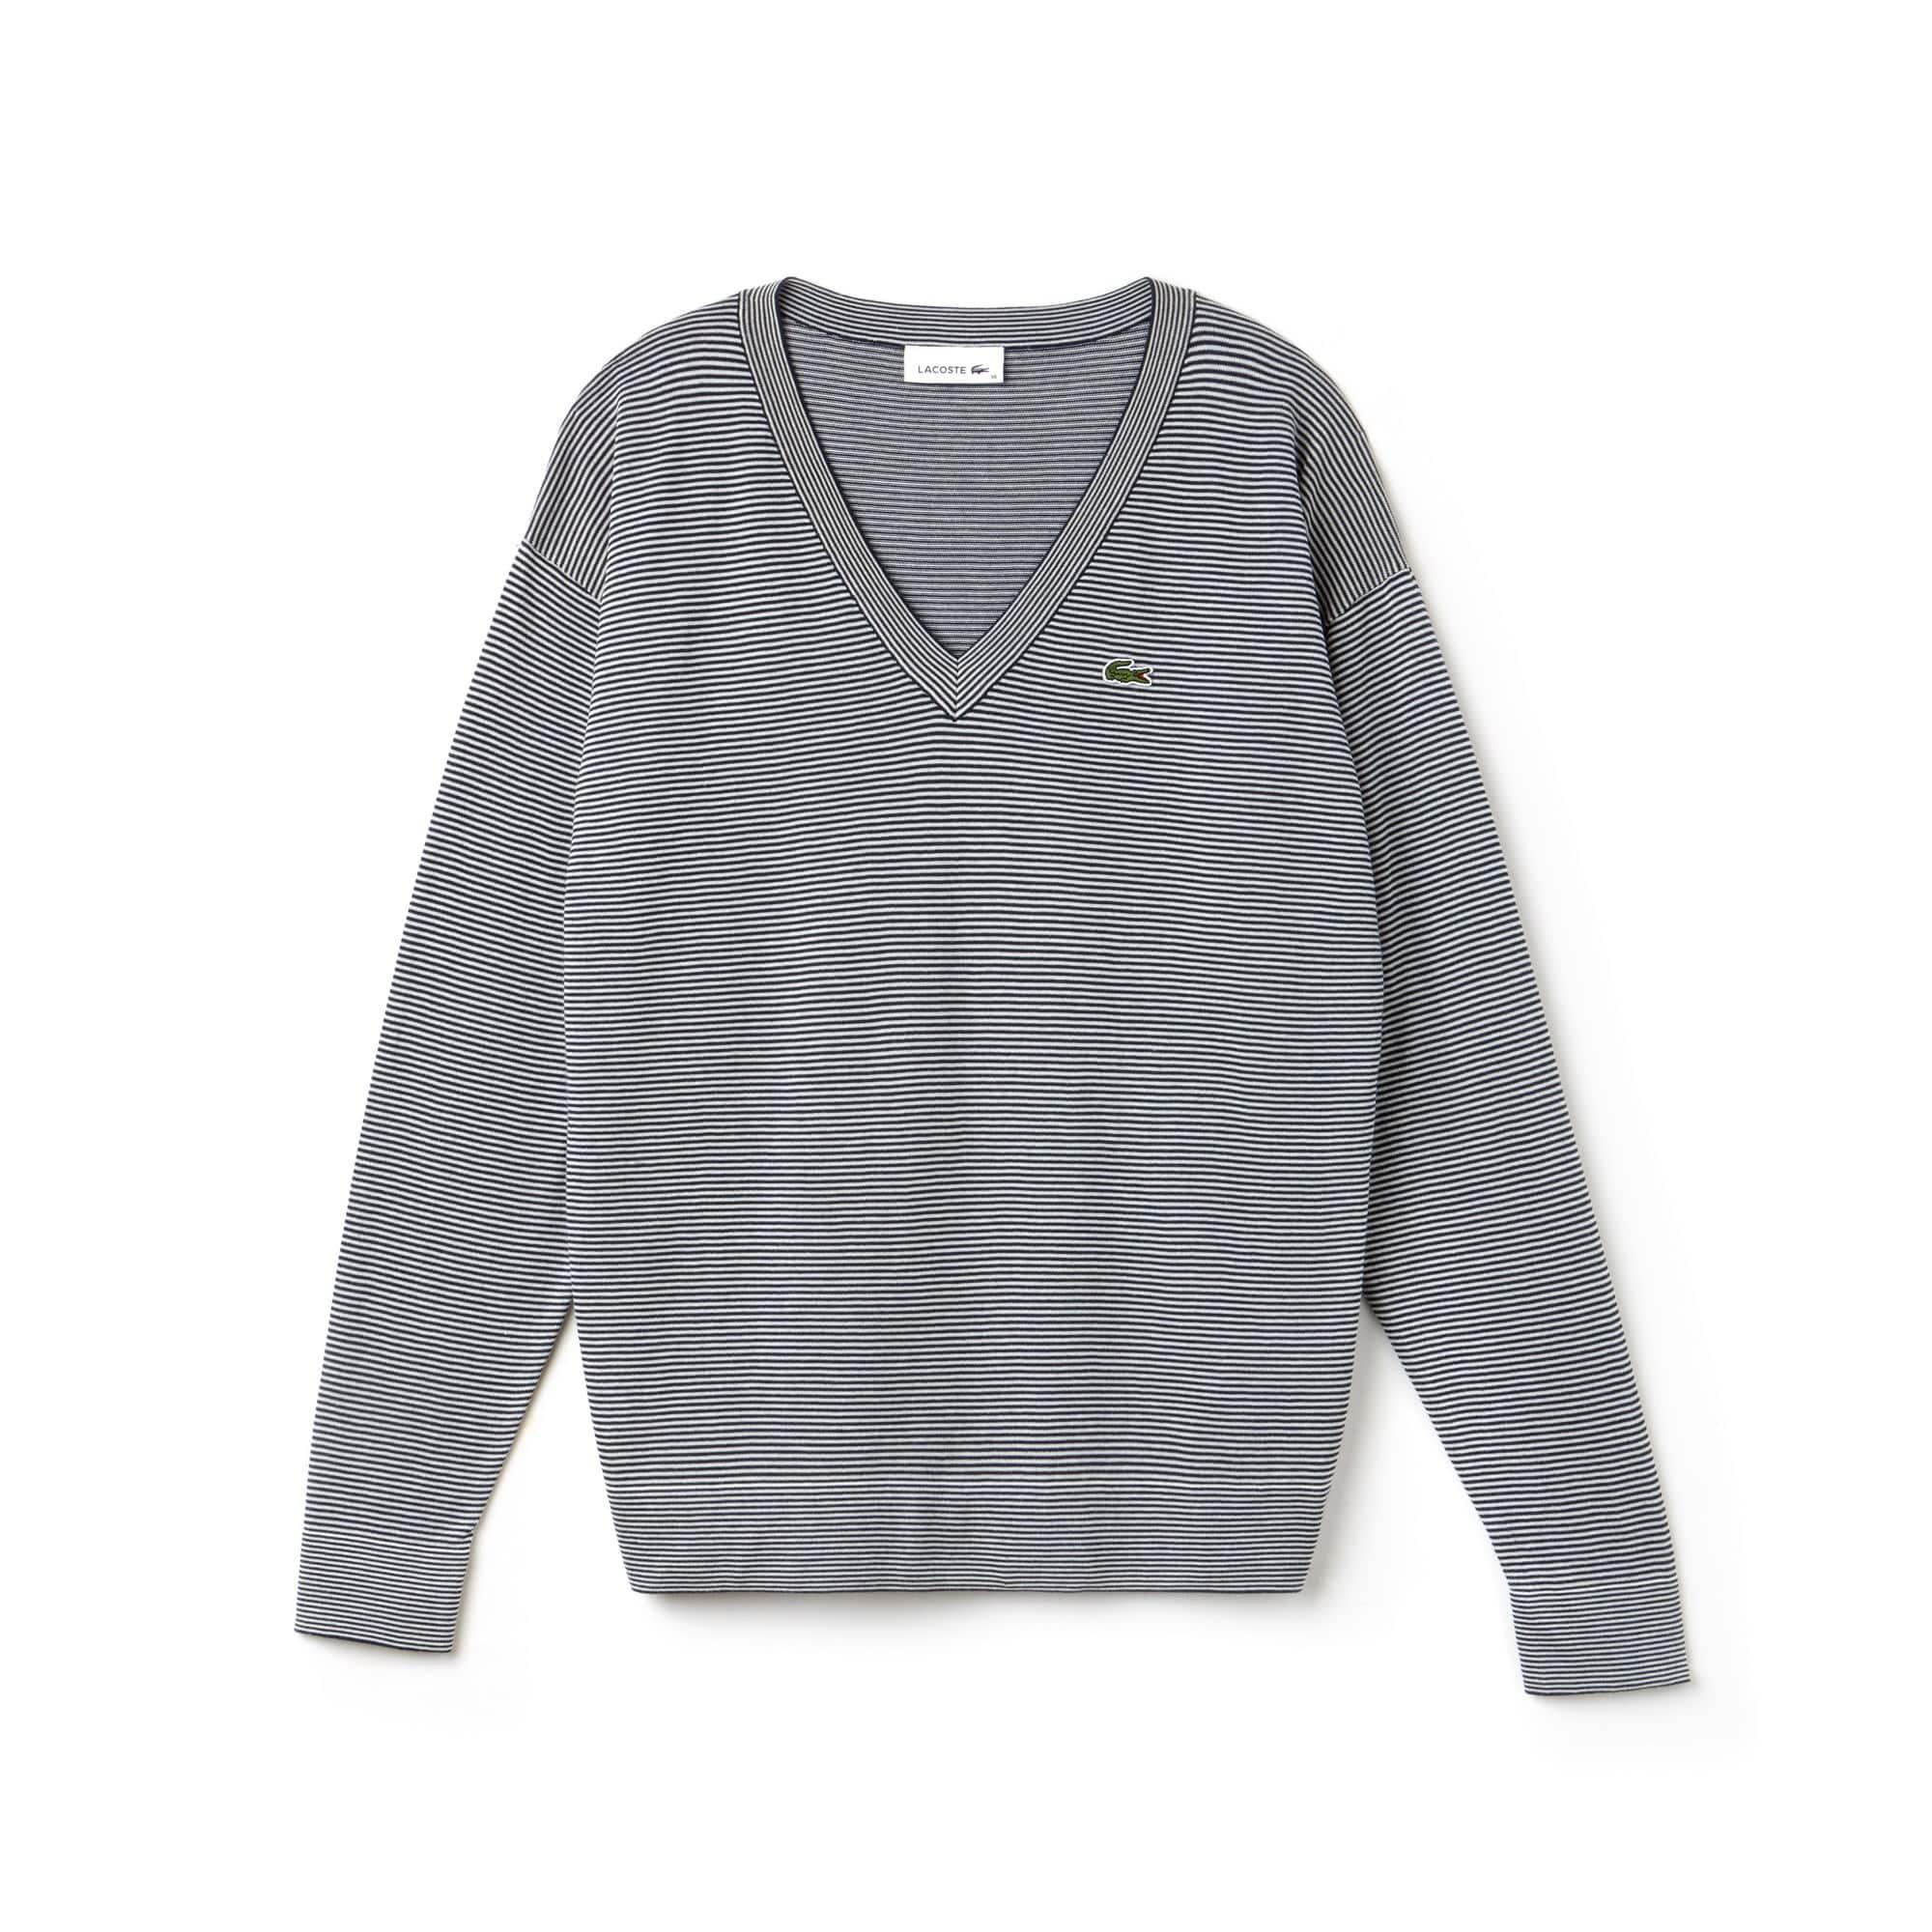 Camisola de decote em V em jersey de algodão milleraies